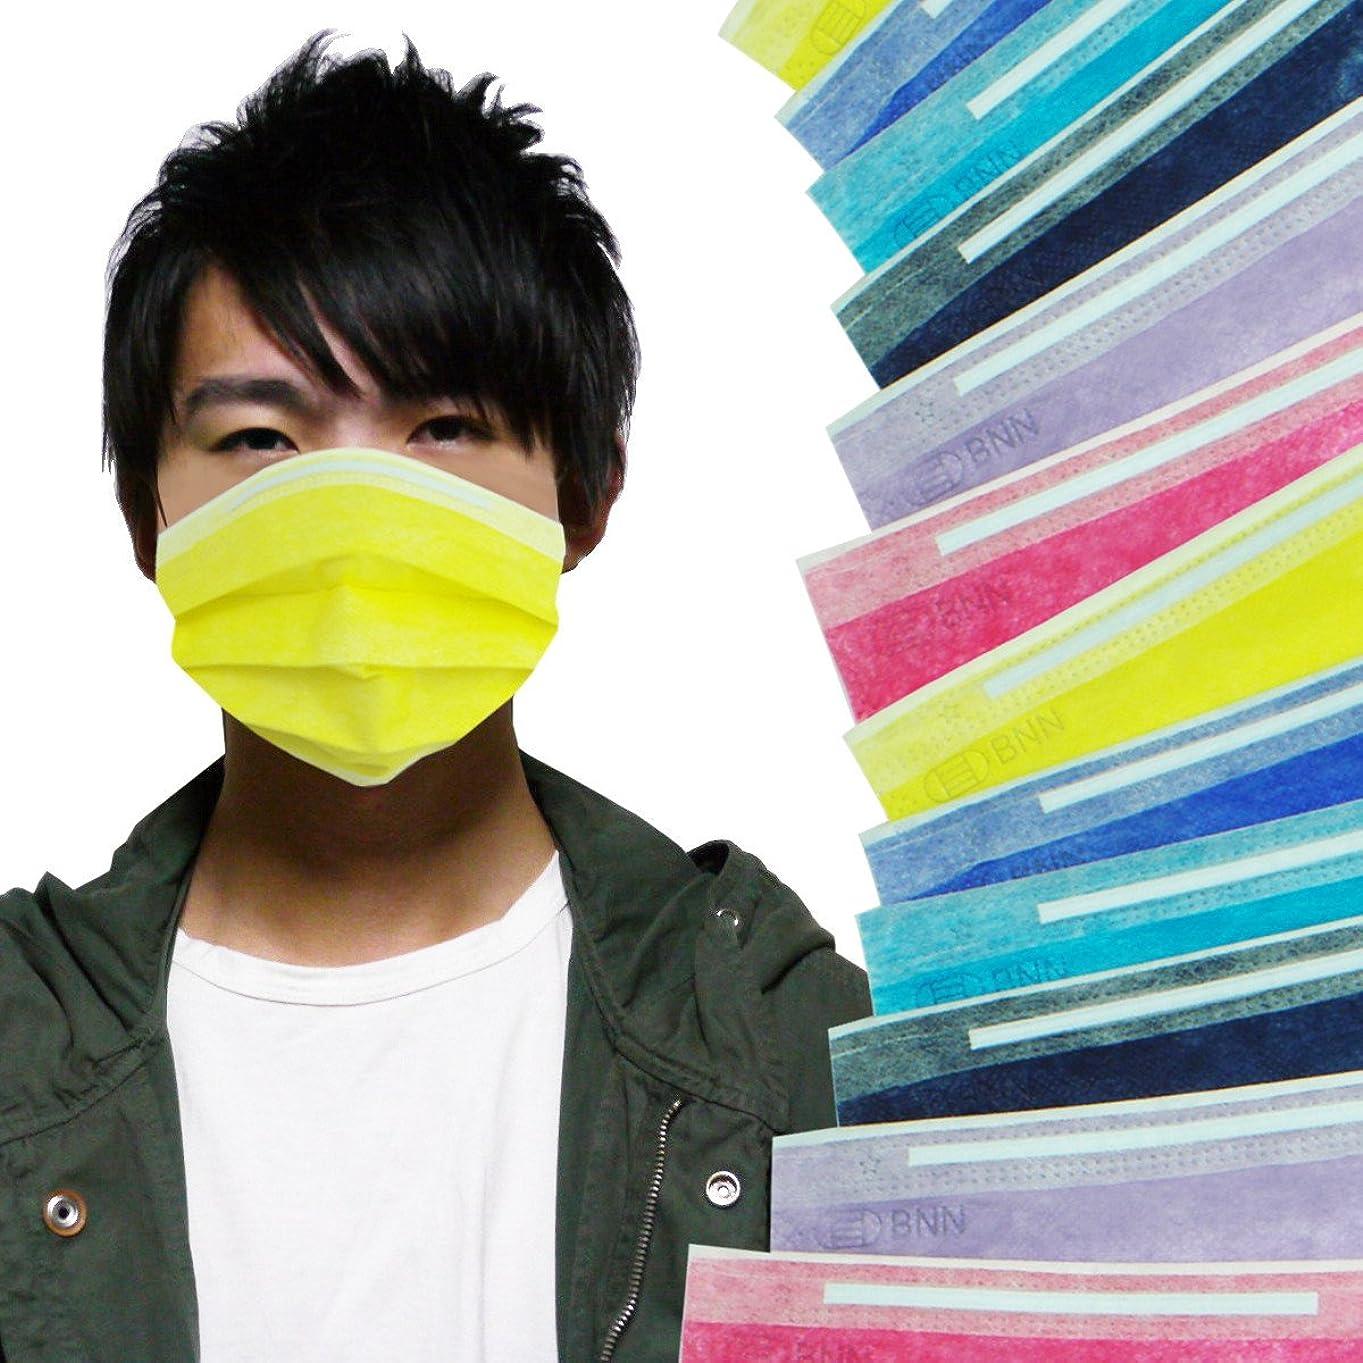 割り当て唯一ミリメートル[メロウストア] マスク シンプルディープカラー 6色セット 3セット 18枚 不織布 ぴったりフィット 三層構造タイプ (大)